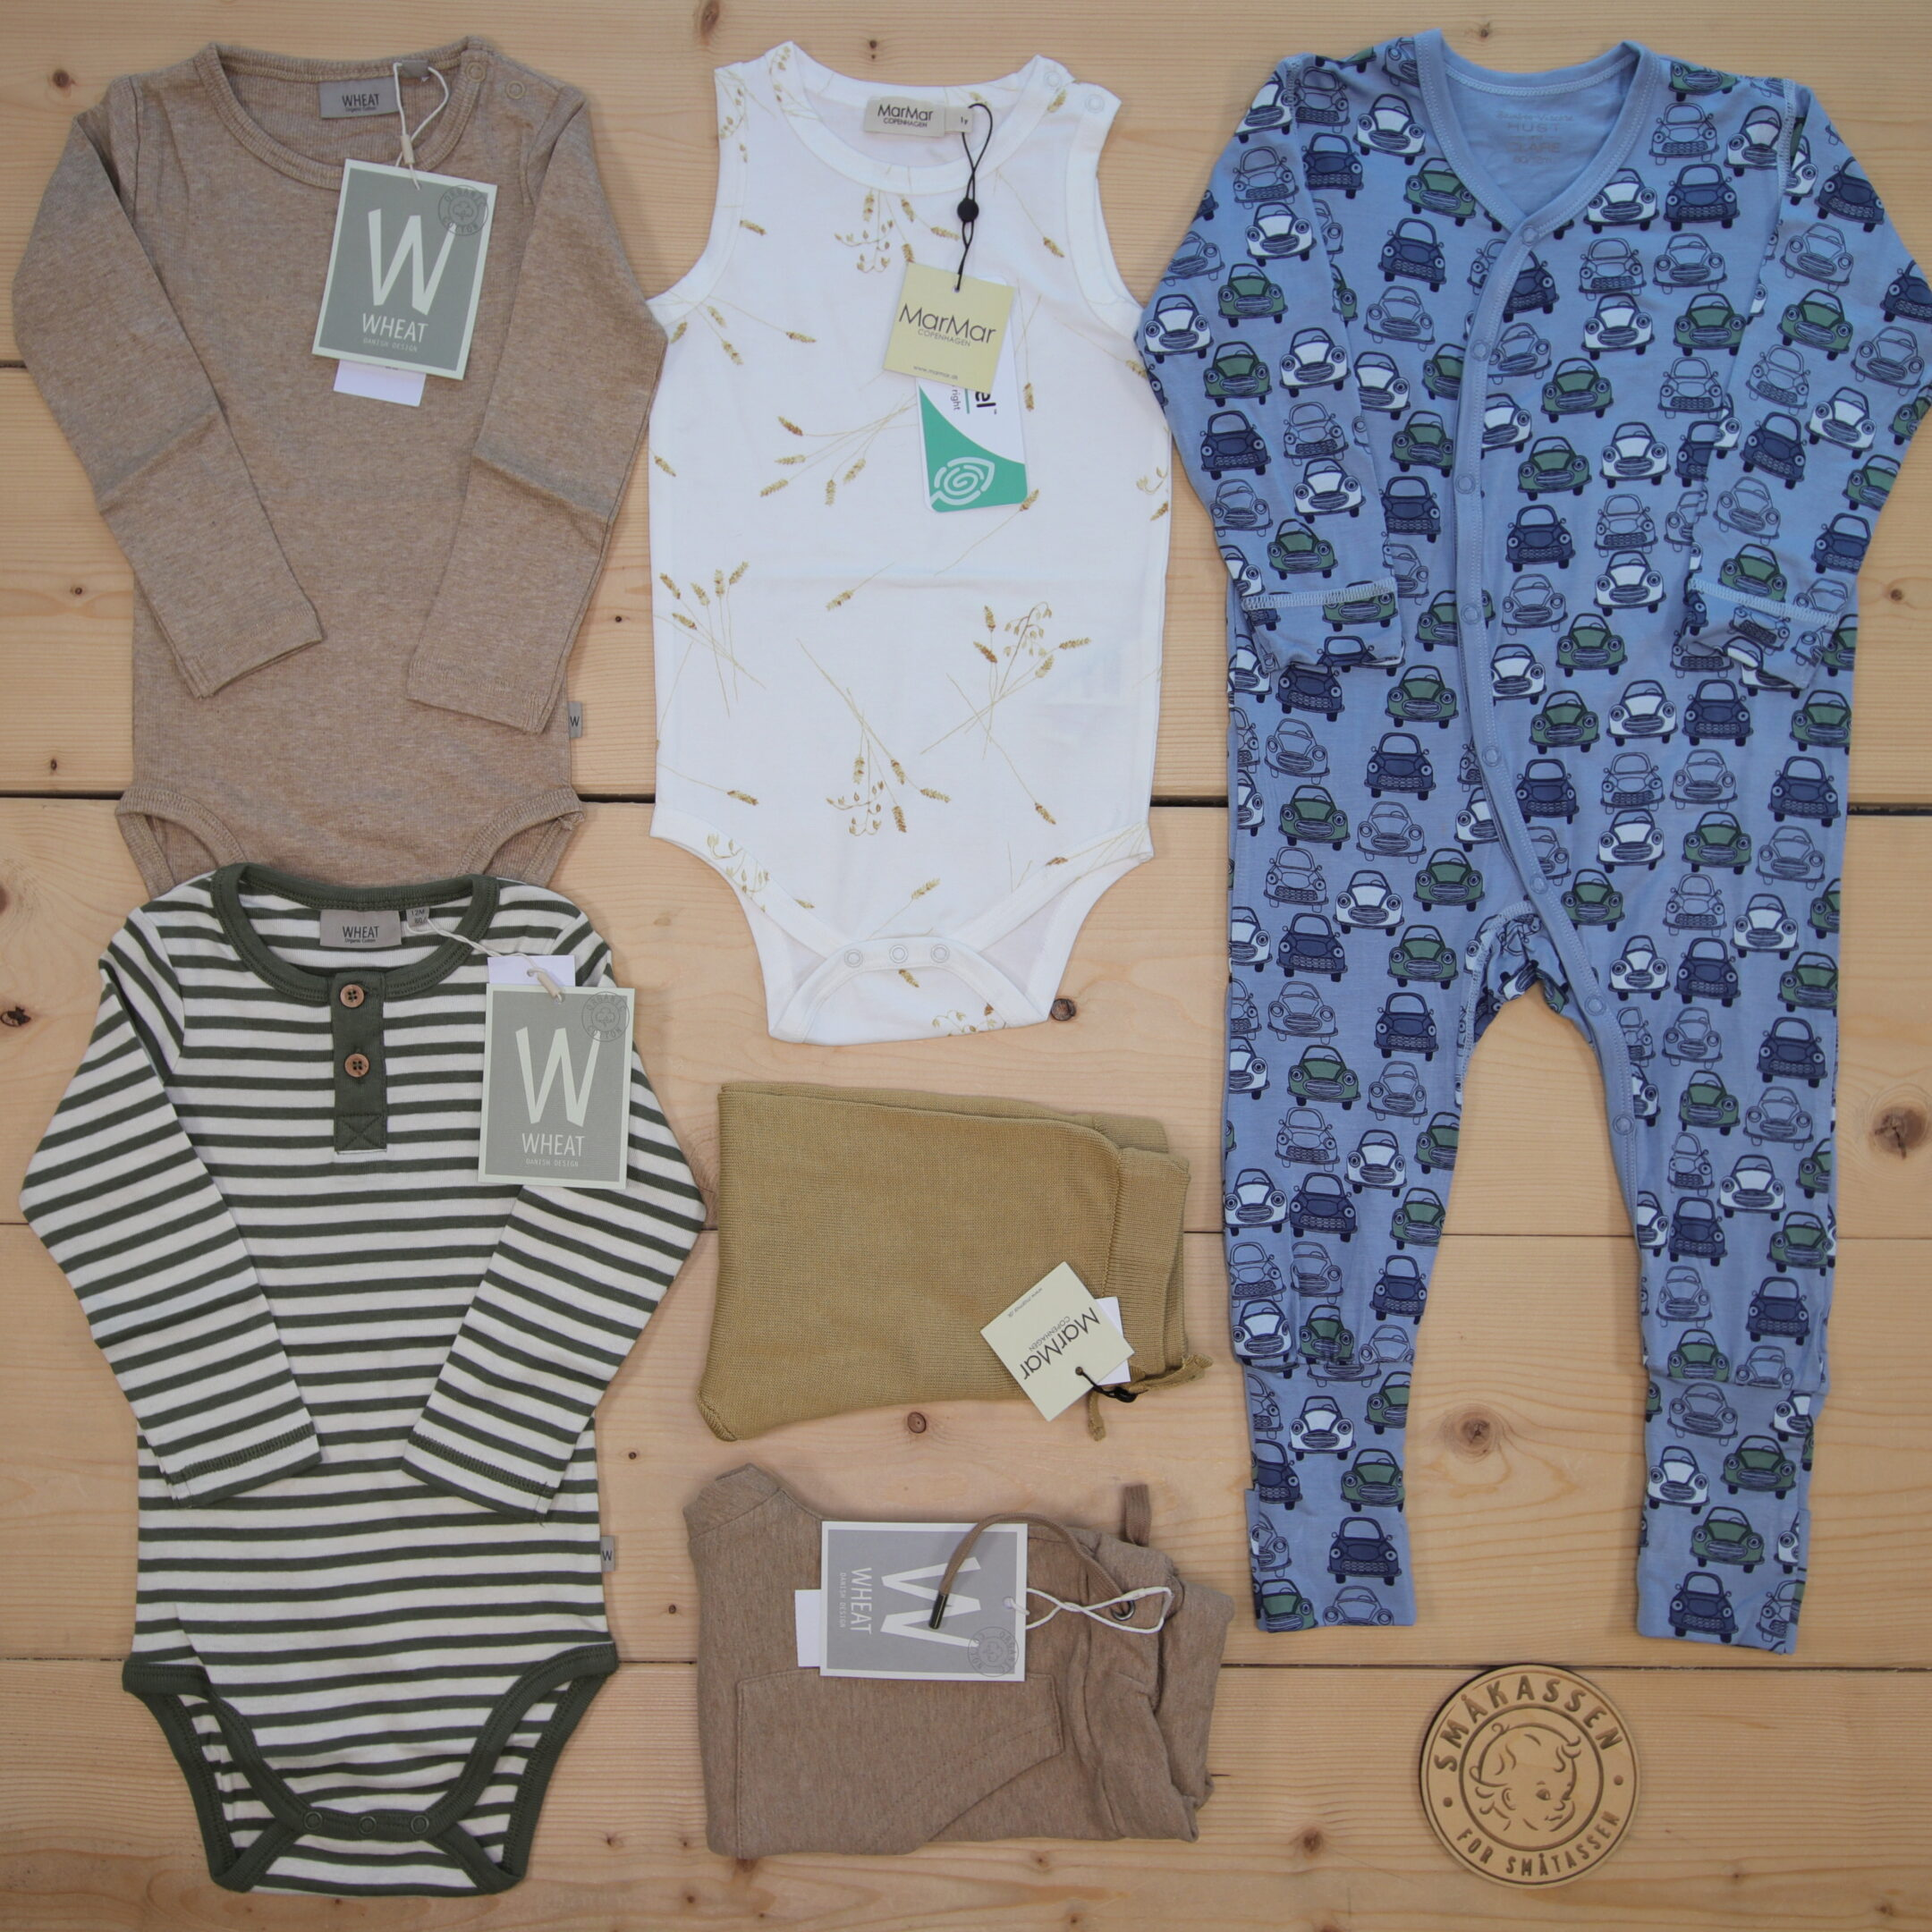 Dette er Småpakke som vi forberedte for en gutt i stilene cool, cute, og minimalistic